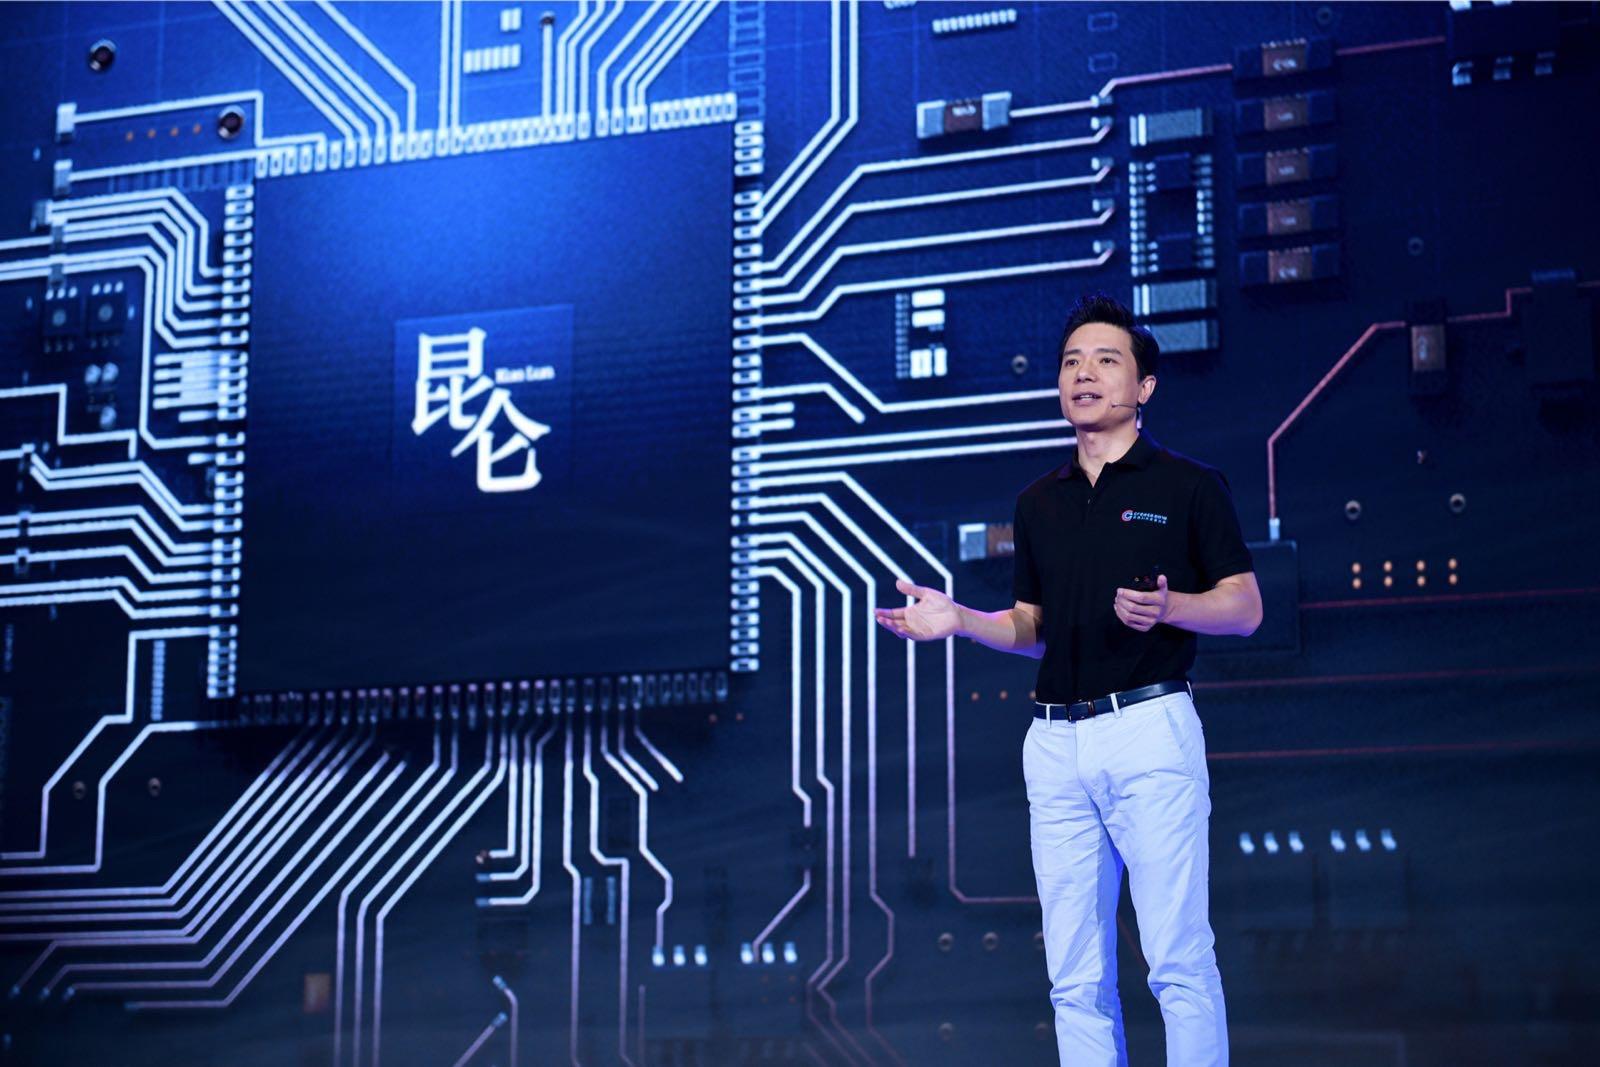 福布斯:中国互联网巨头 如何玩转人工智能